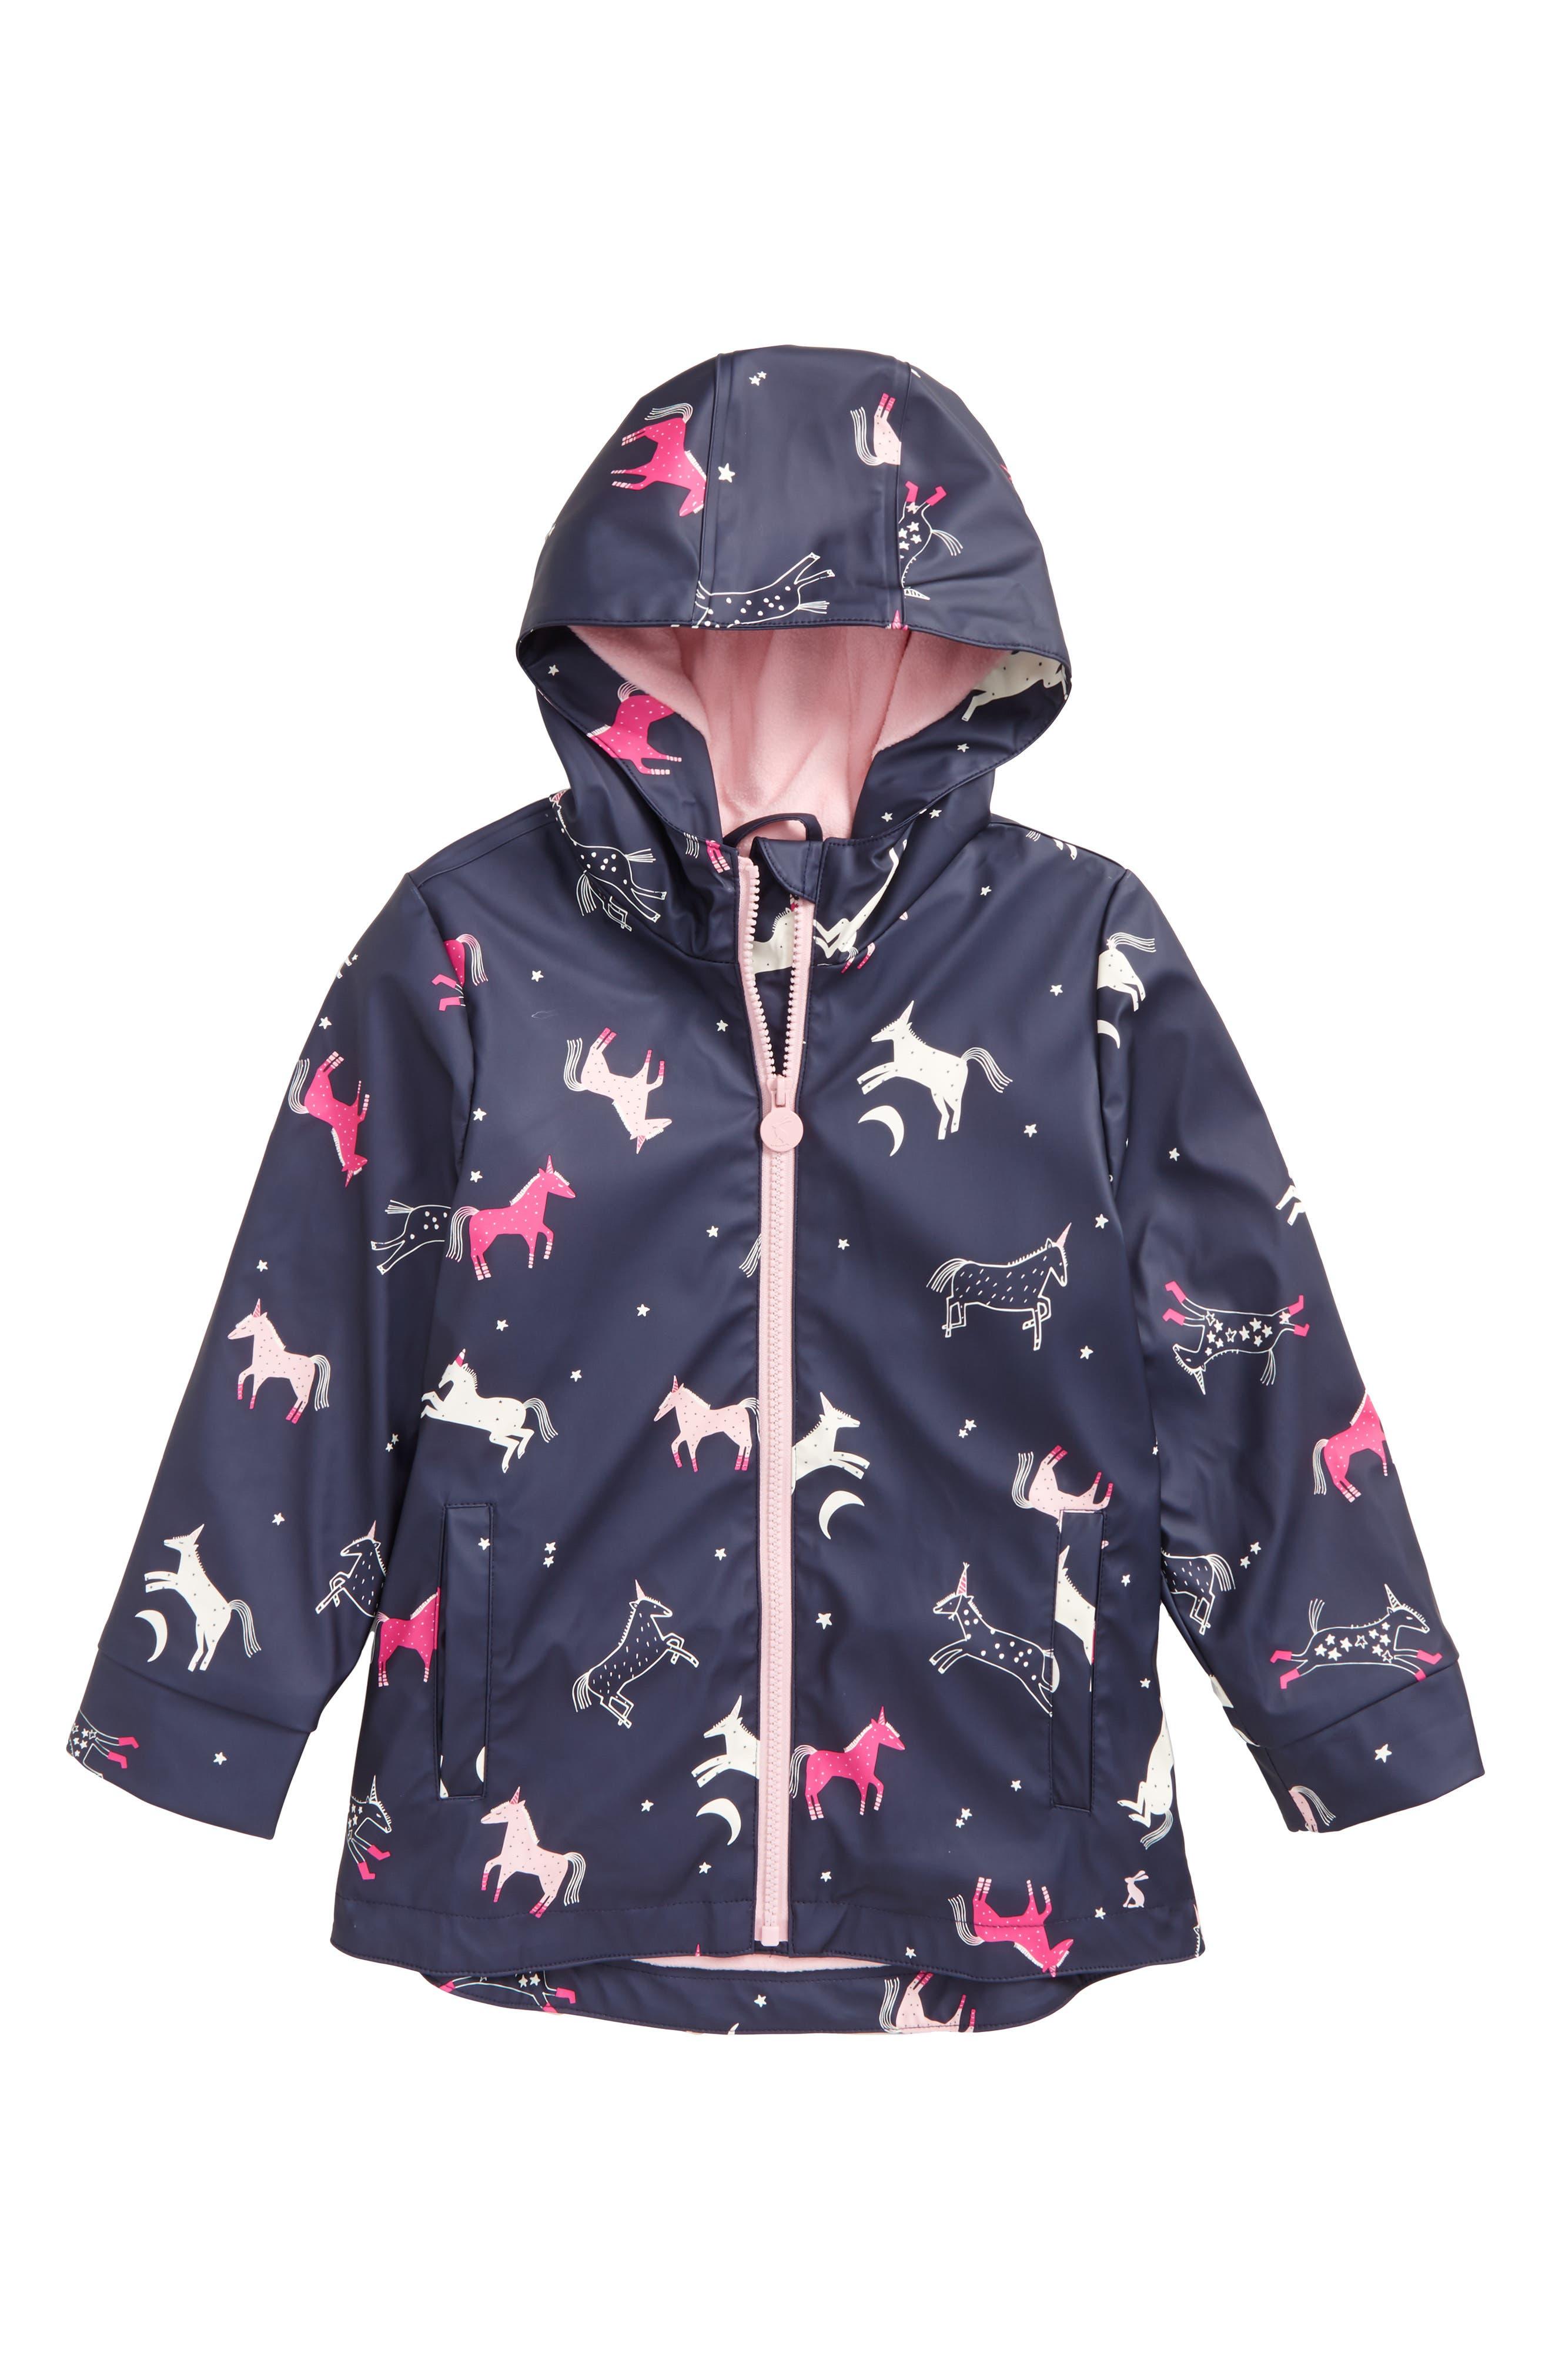 Fleece Lined Rain Jacket,                         Main,                         color,